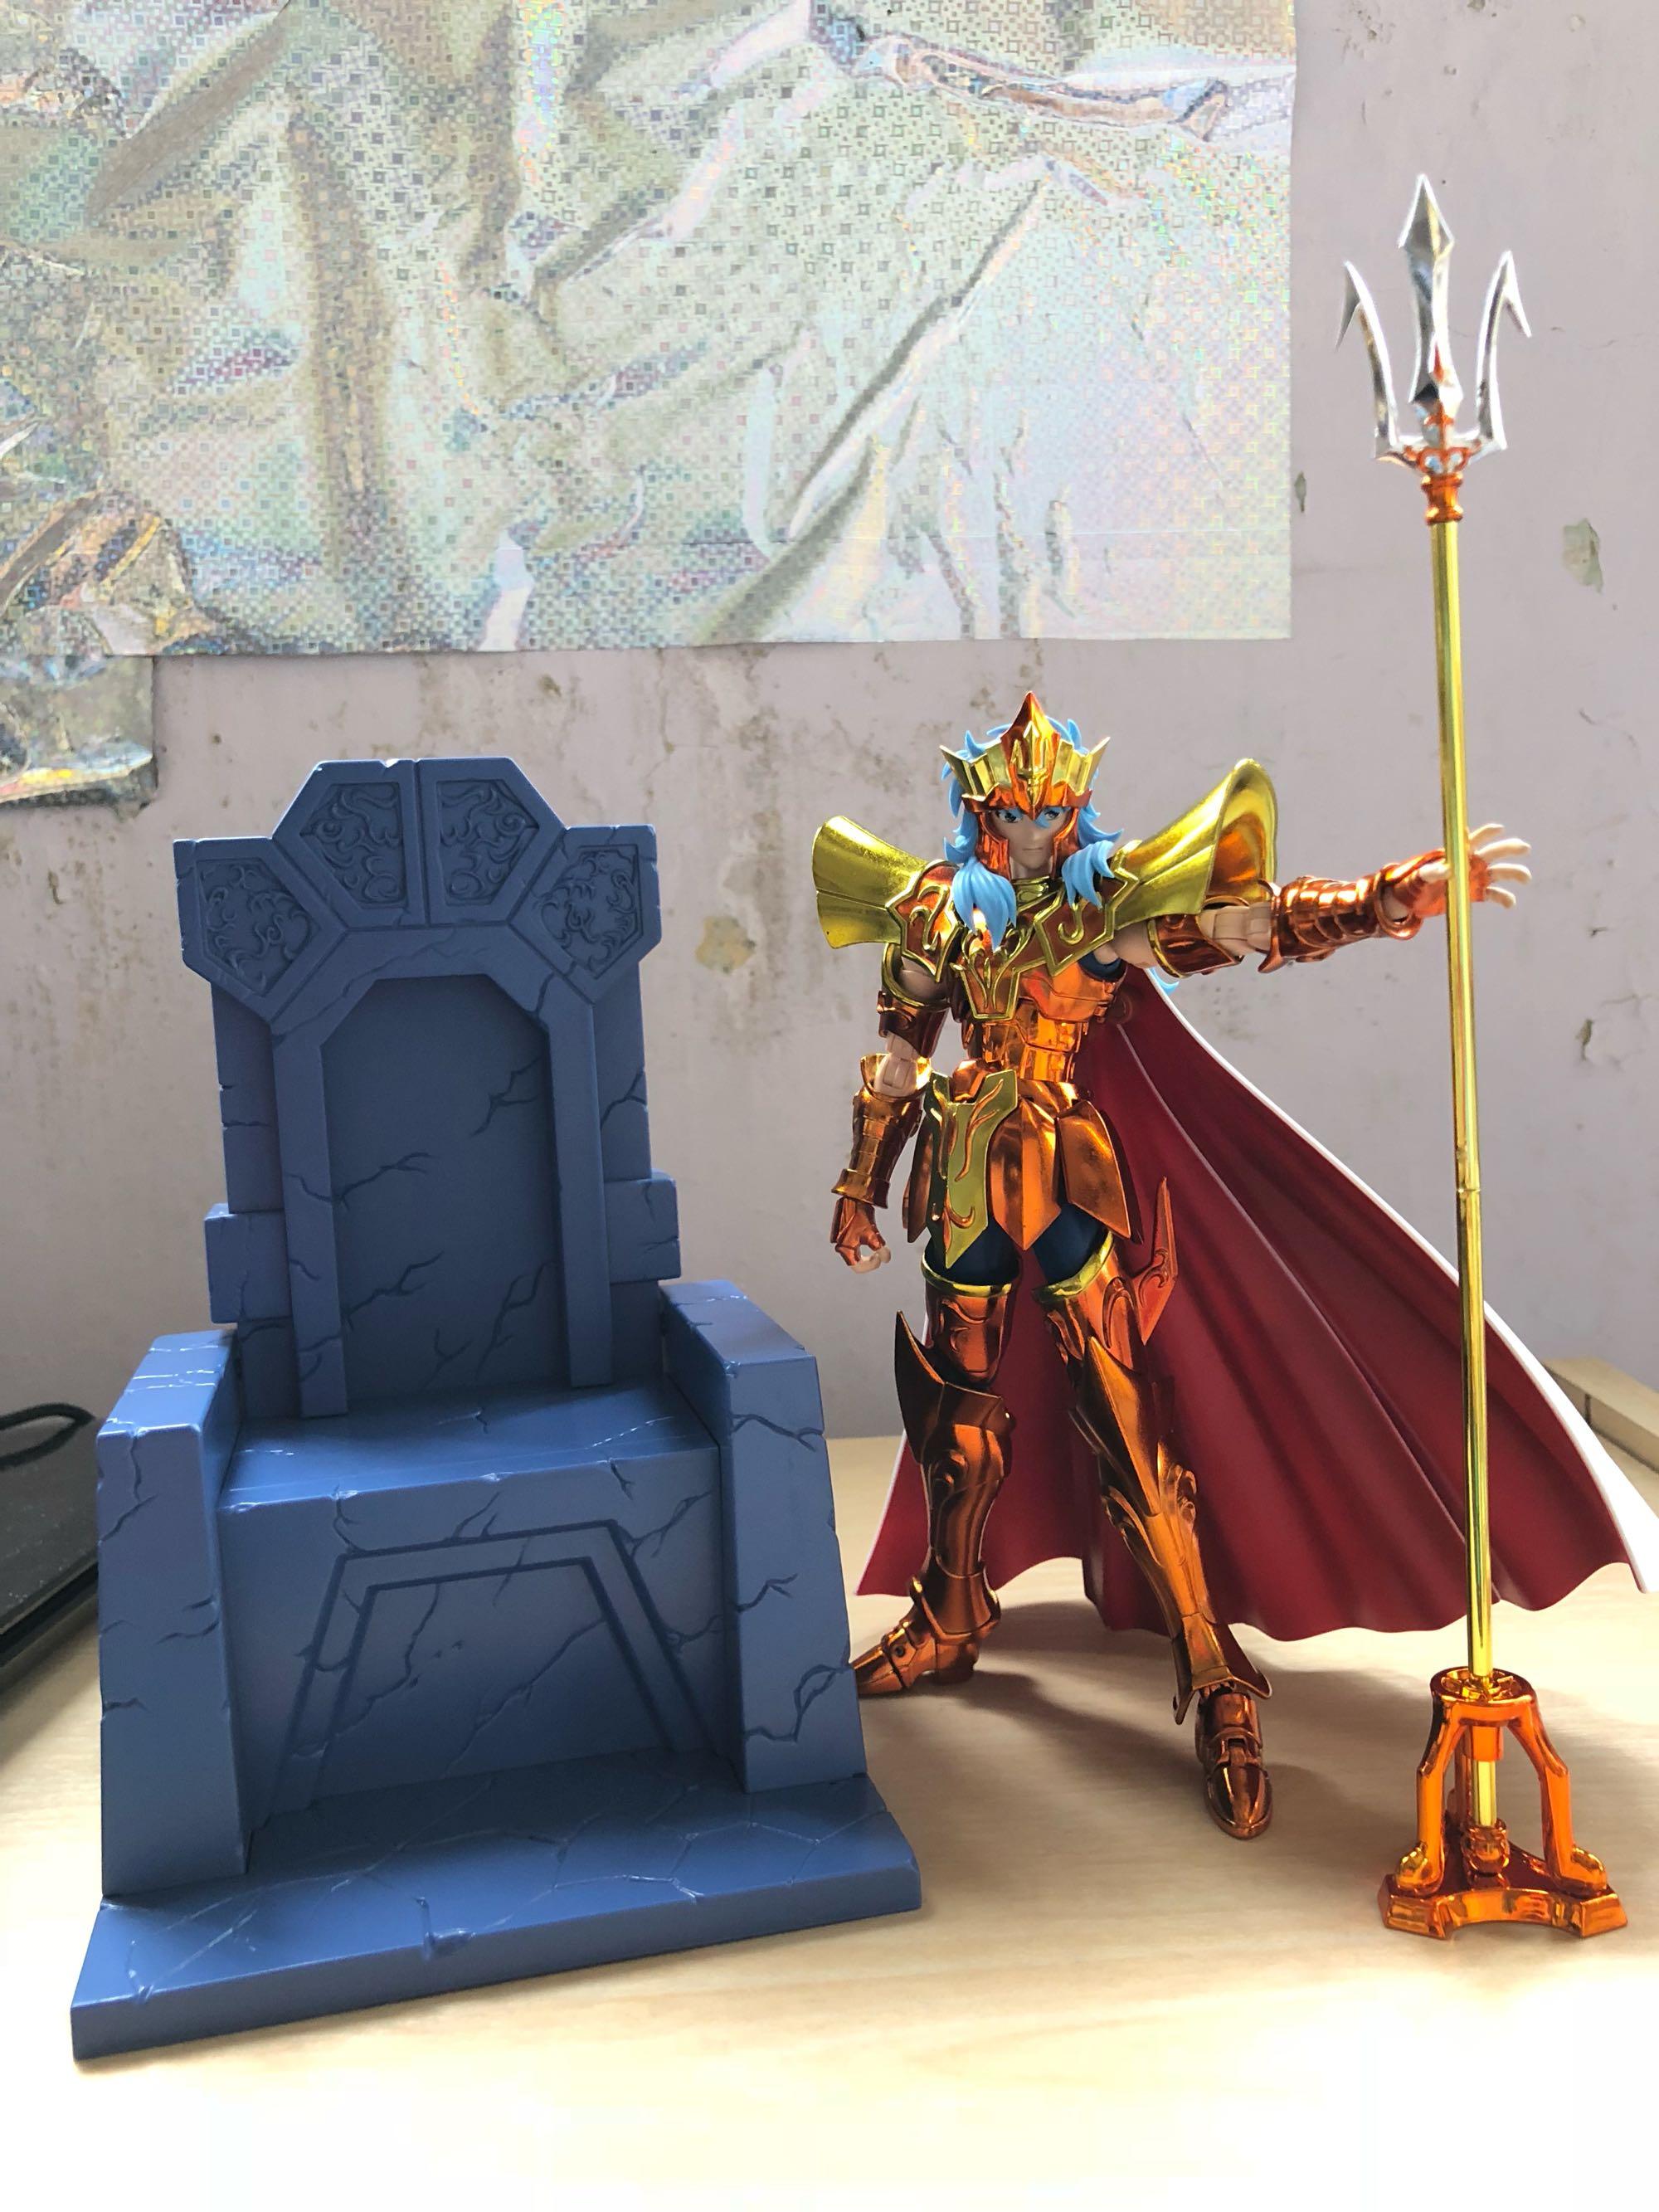 [Comentários] Saint Cloth Myth EX - Poseidon EX & Poseidon EX Imperial Throne Set - Página 2 Tu3015KJ_o